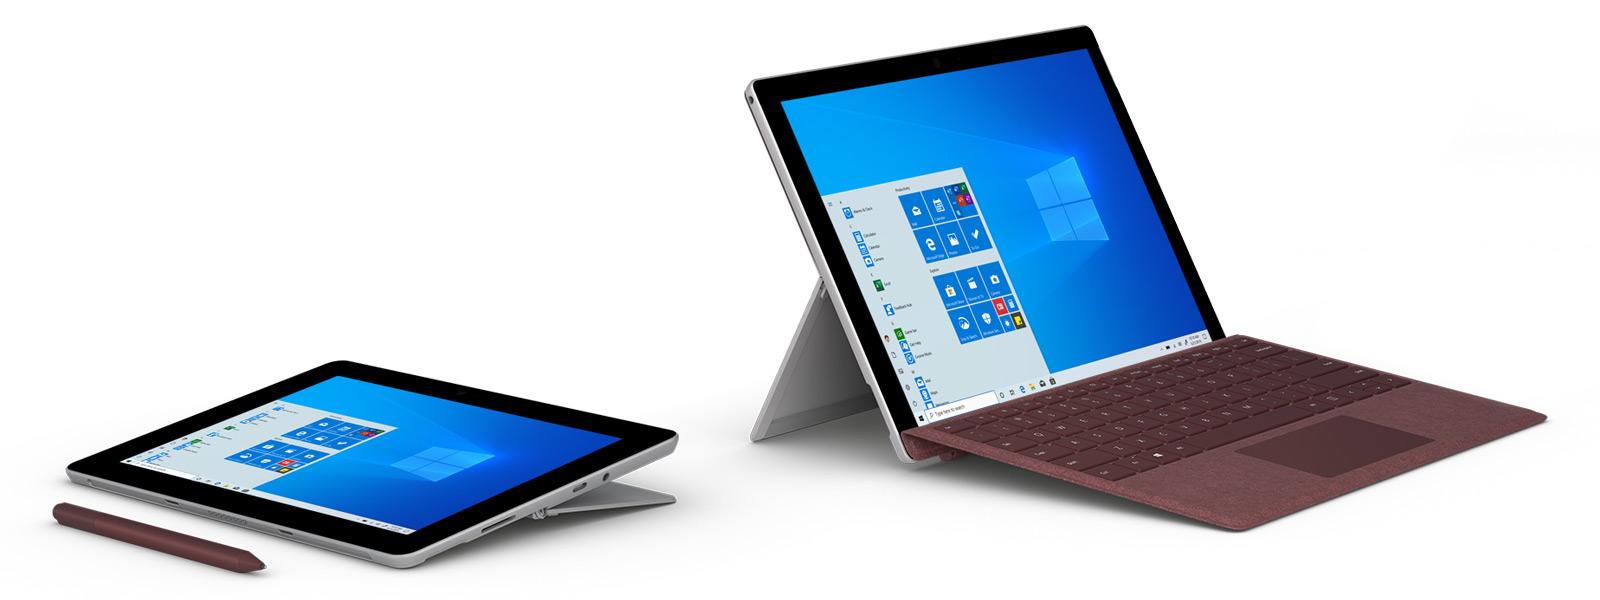 Zwei Surface Go-Computer stehen nebeneinander.  Einer davon liegt flach und ein Stift liegt davor, darauf ist der Windows 10 Startbildschirm zu sehen.  An den anderen Laptop ist eine Tastatur angeschlossen und der Windows 10-Startbildschirm ist zu sehen.